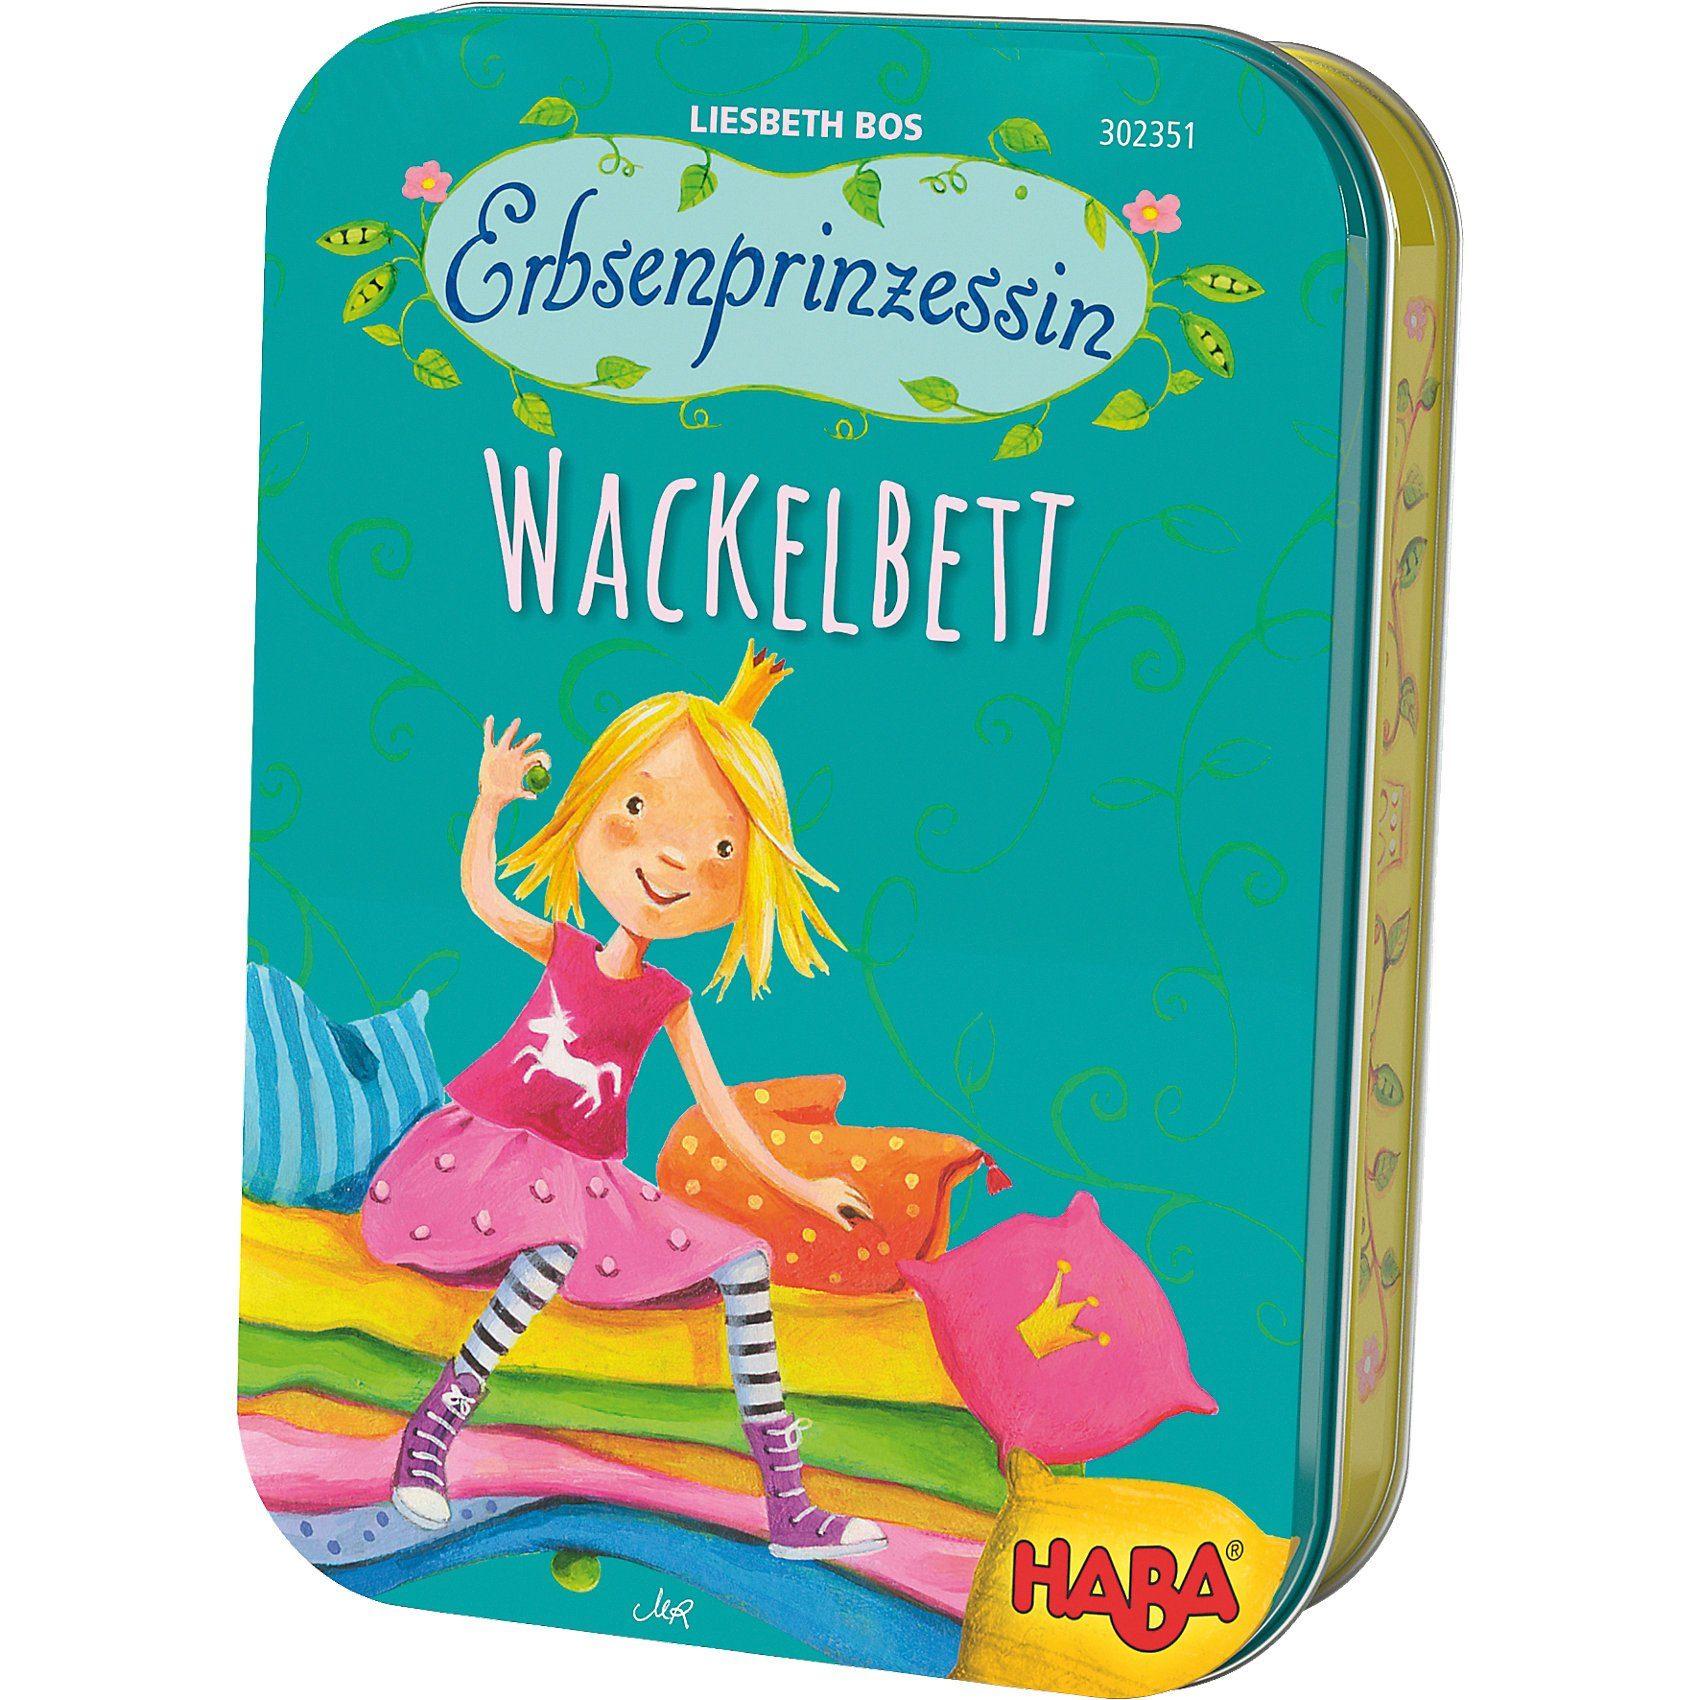 Haba Erbsenprinzessin - Wackelbett (Dosenspiel)